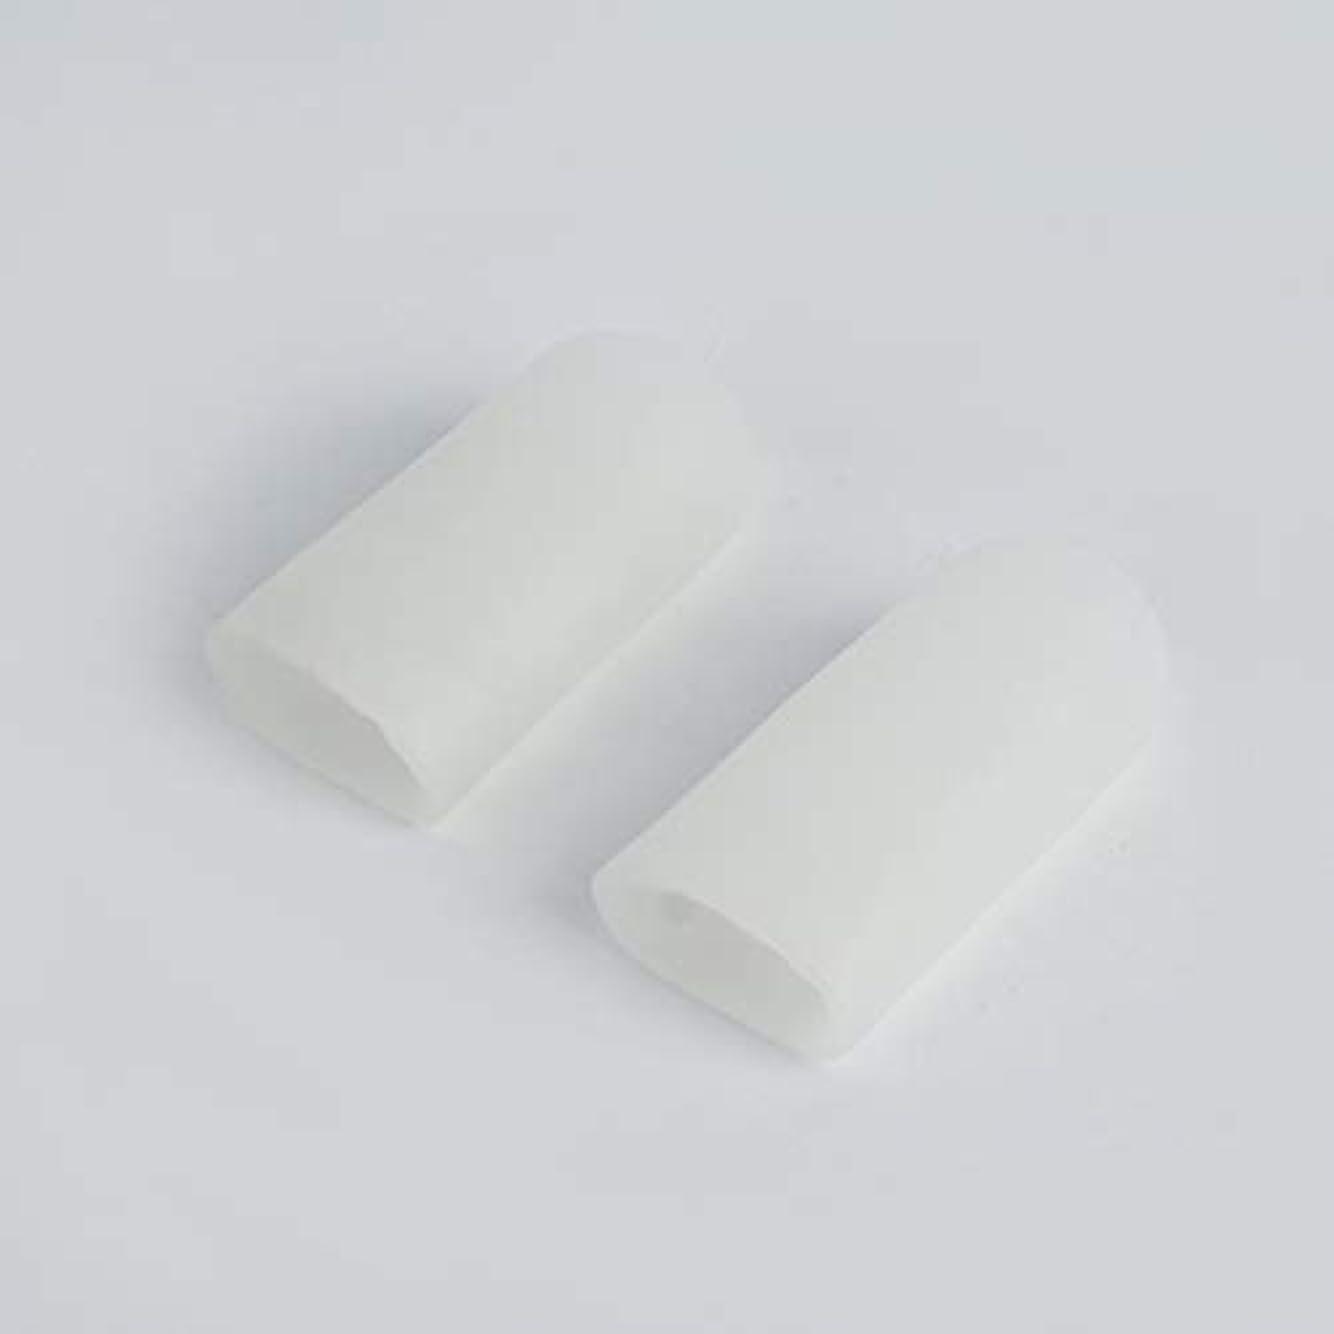 旋律的アデレード同様にOpen Toe Tubes Gel Lined Fabric Sleeve Protectors To Prevent Corns, Calluses And Blisters While Softening And...